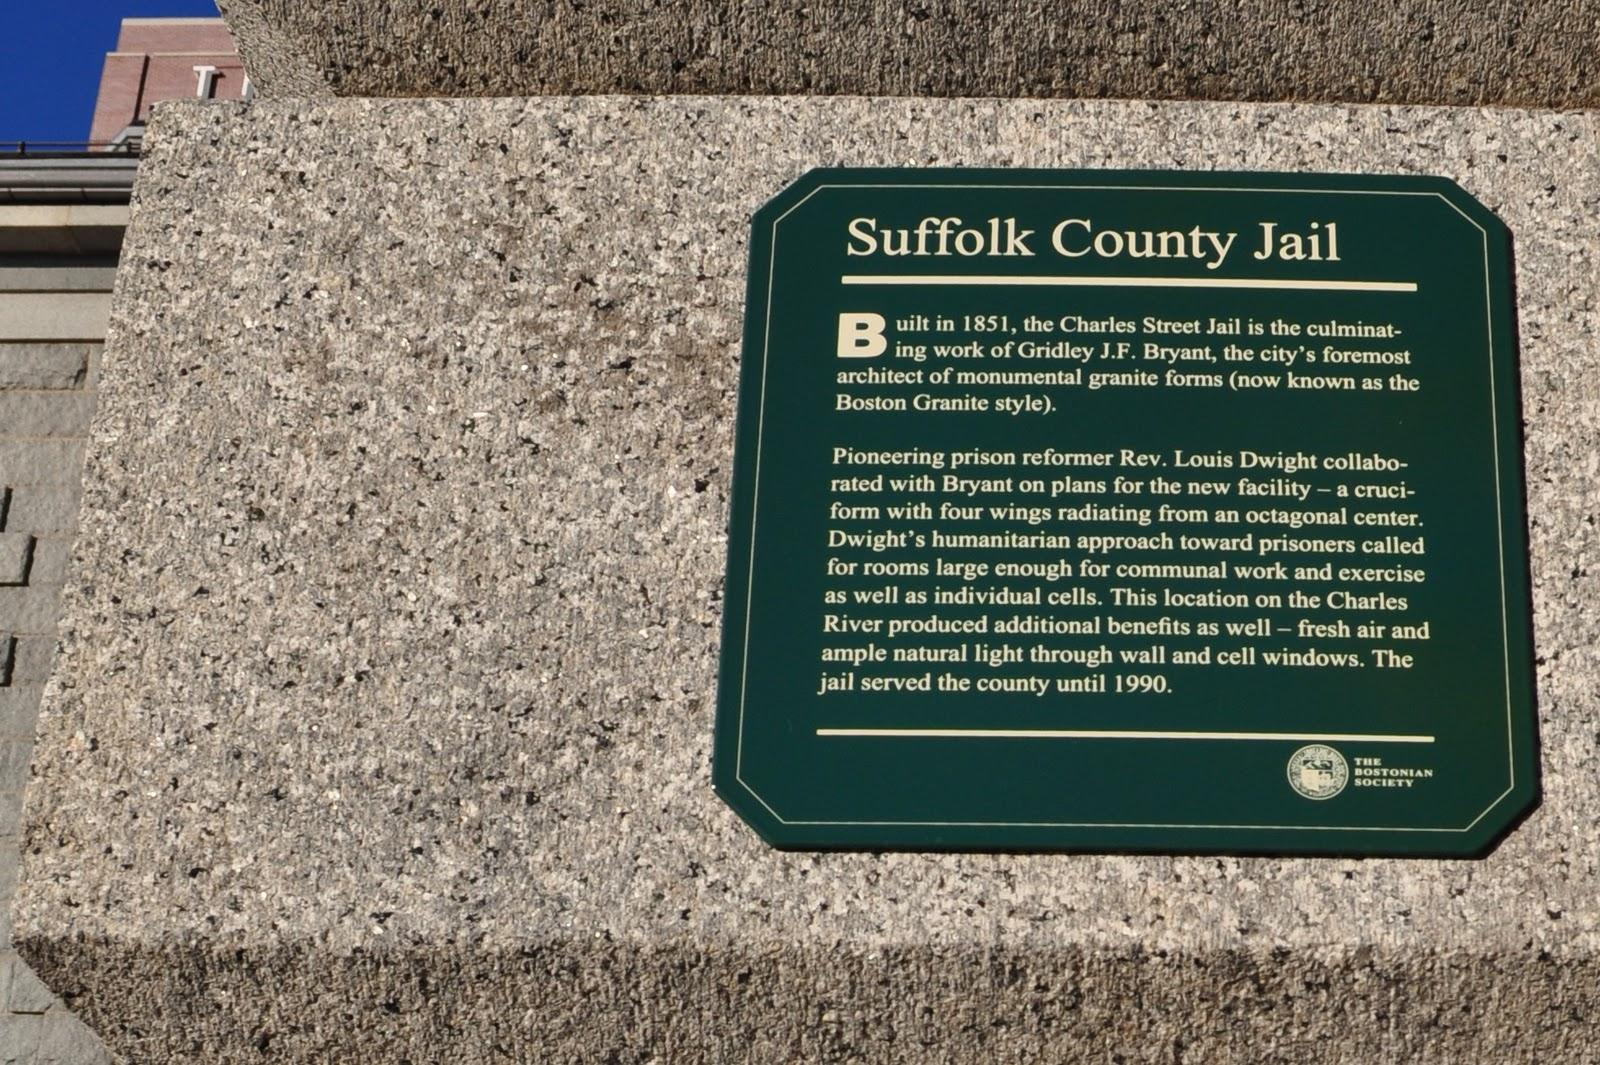 The Bostonian Society's marker Courtesy: http://creepychusetts.blogspot.com/2010/11/charles-street-jail-boston.html